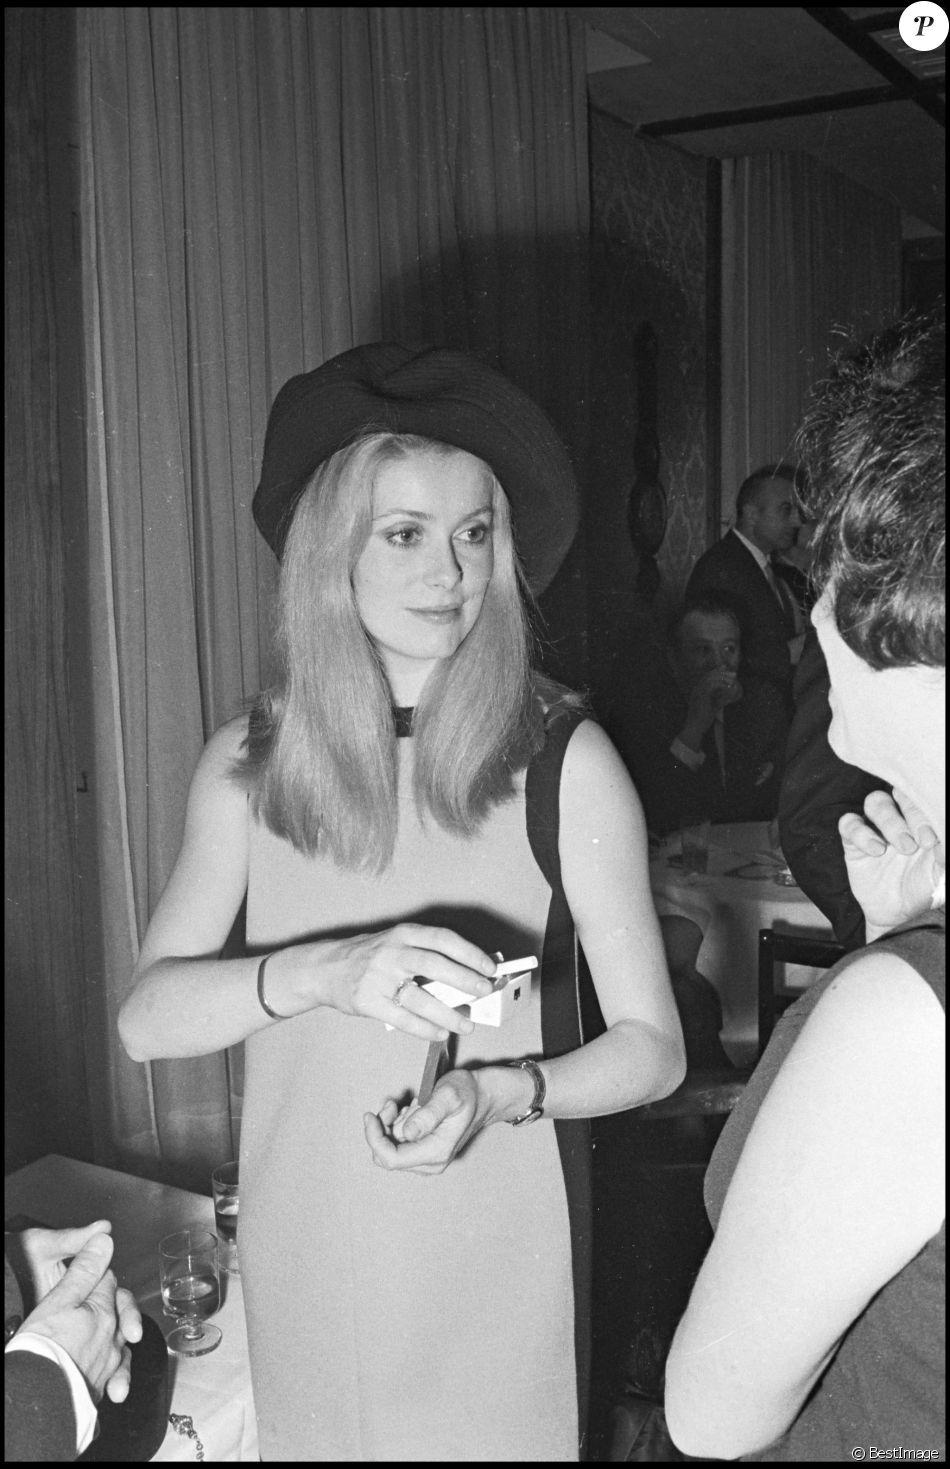 Catherine Deneuve lors d'une soirée à Paris en 1968